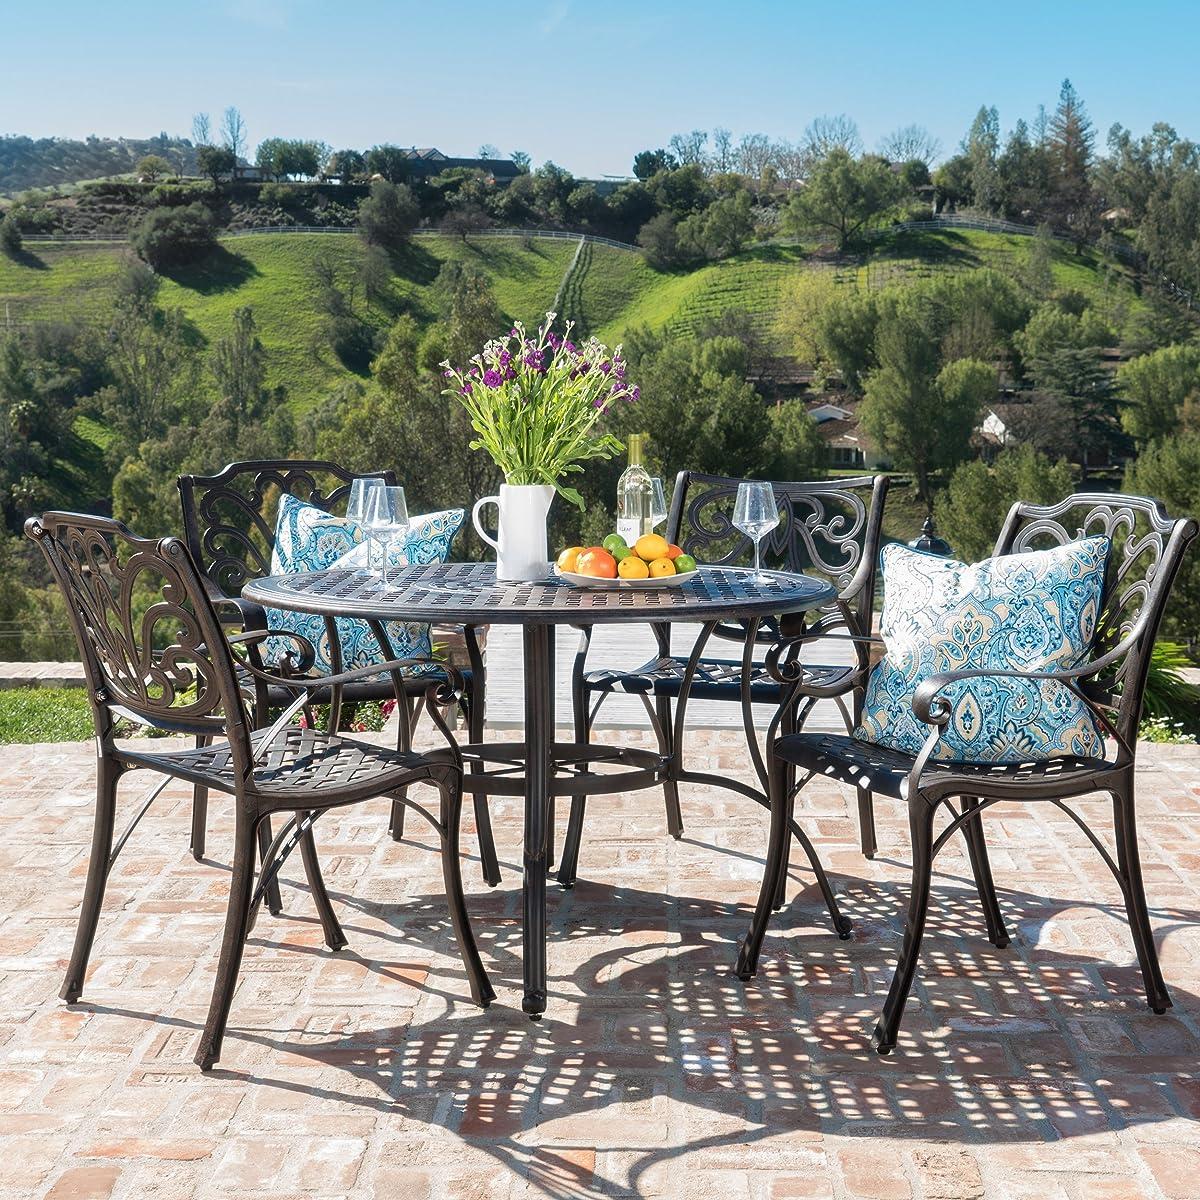 Calandra Patio Furniture ~ 5 Piece Outdoor Cast Aluminum Circular Table Dining Set